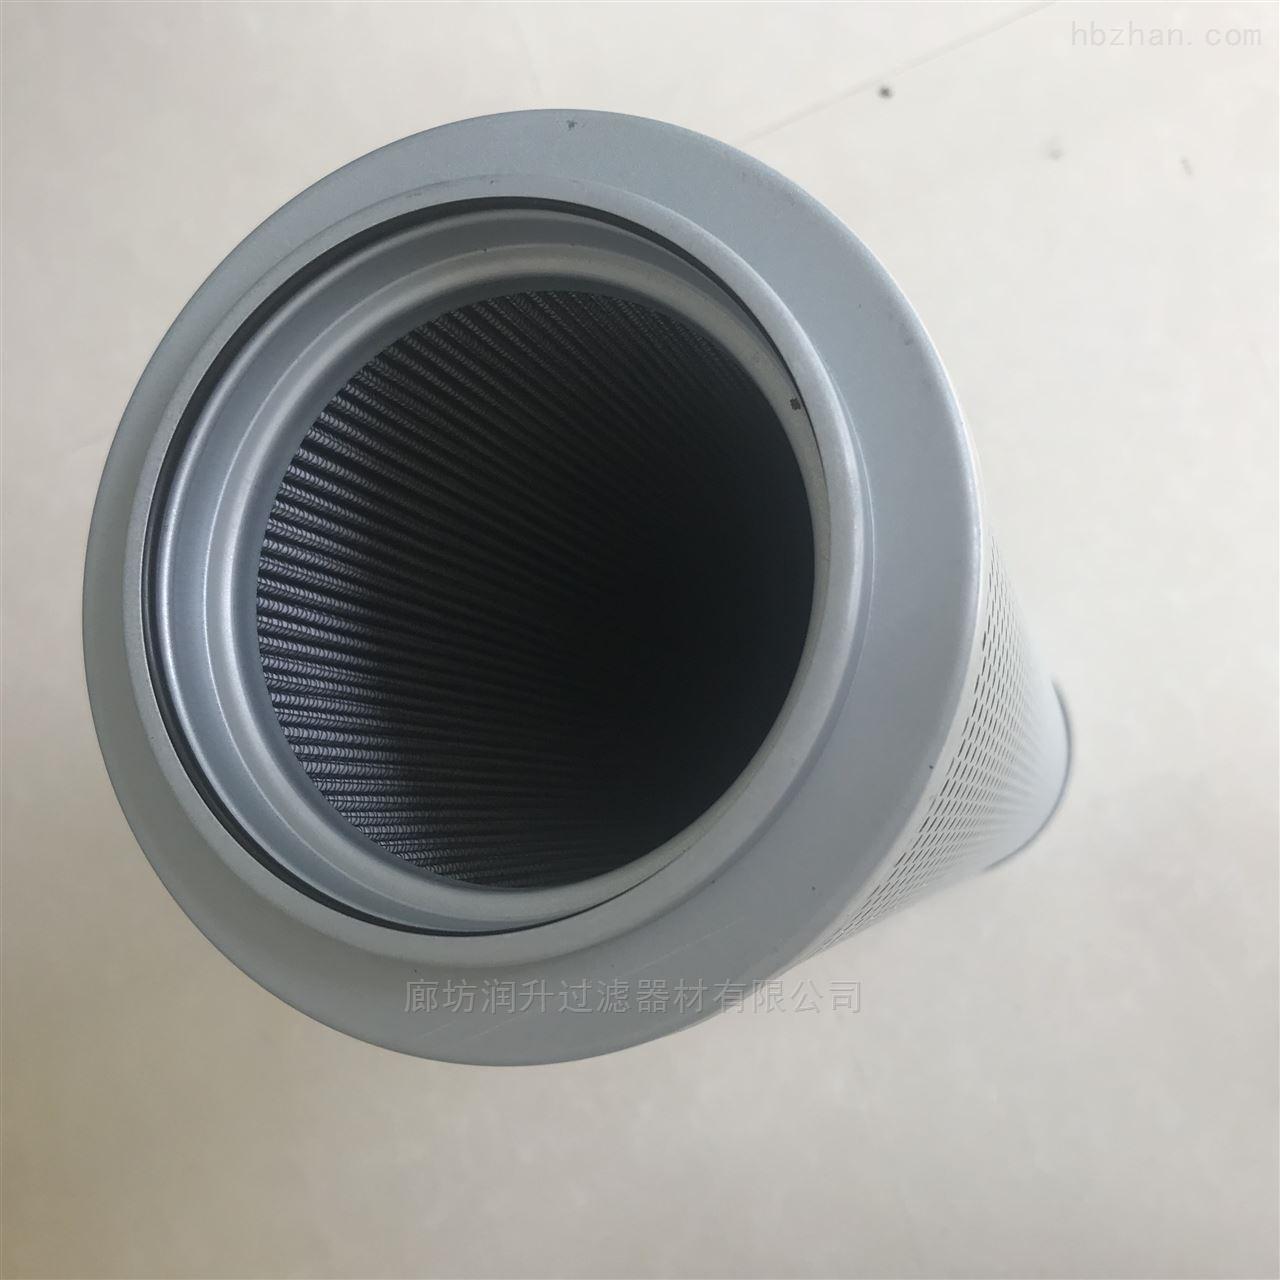 保山DFM40PP005A01滤芯厂家